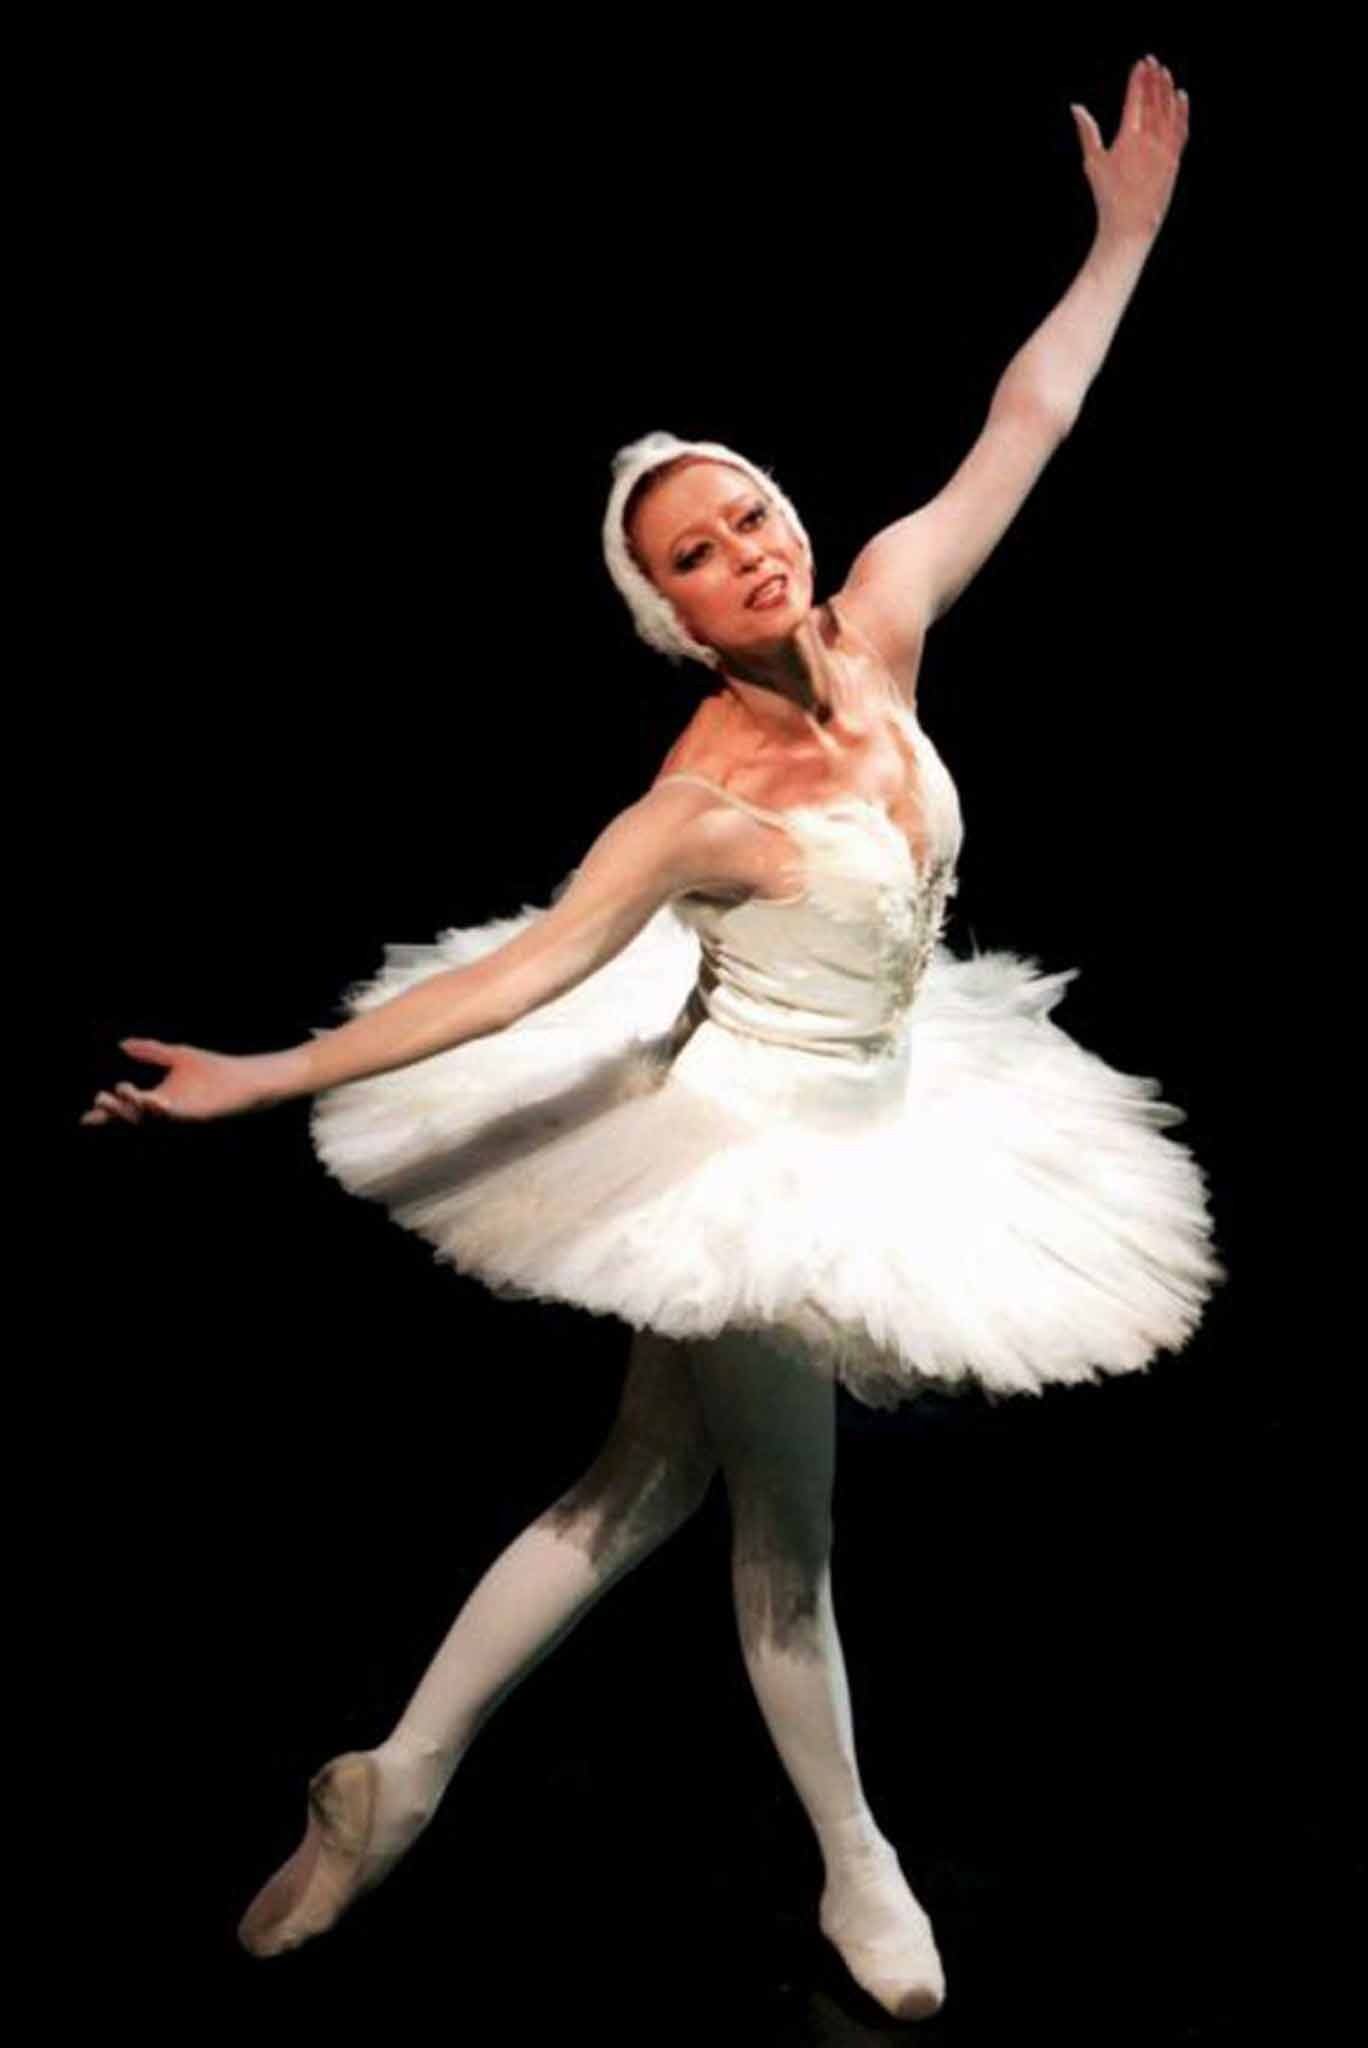 Erotic ballerina met